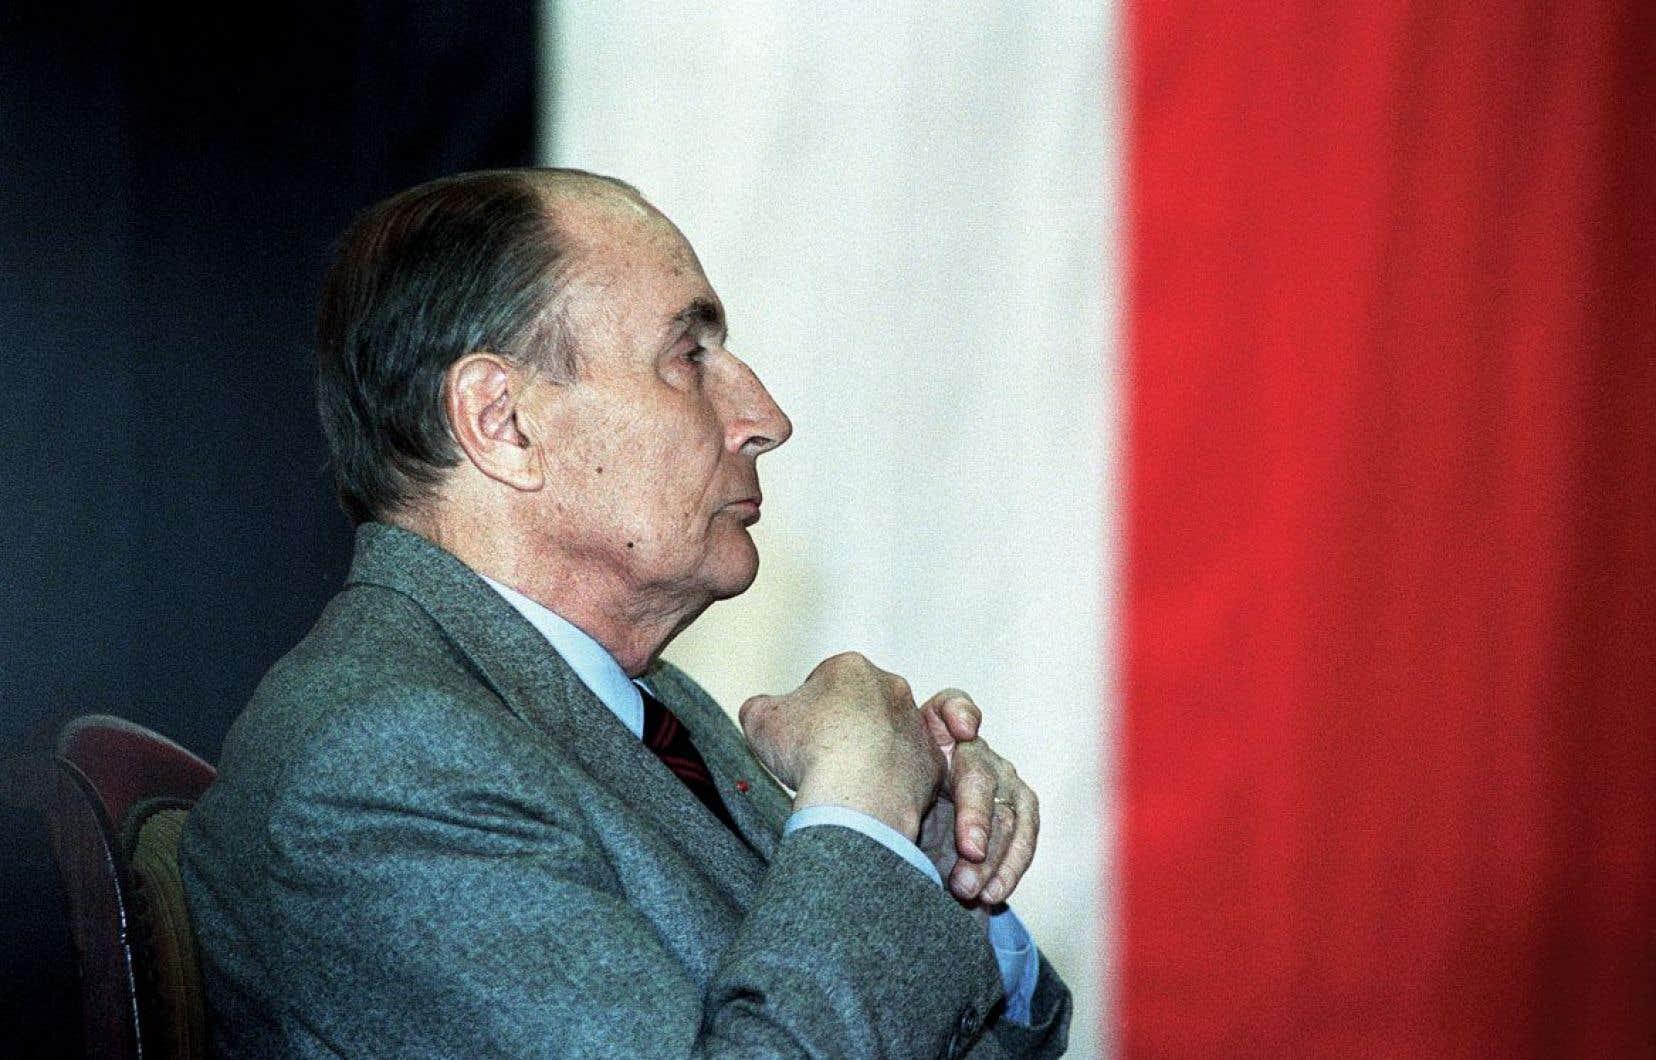 François Mitterrand a été président de la France de mai 1981 à mai 1995. Mitterrand et Anne Pingeot se sont rencontrés en 1962. Ce n'est qu'en 1994 que les Français découvrent l'existence de cette liaison dont était née leur fille, Mazarine.